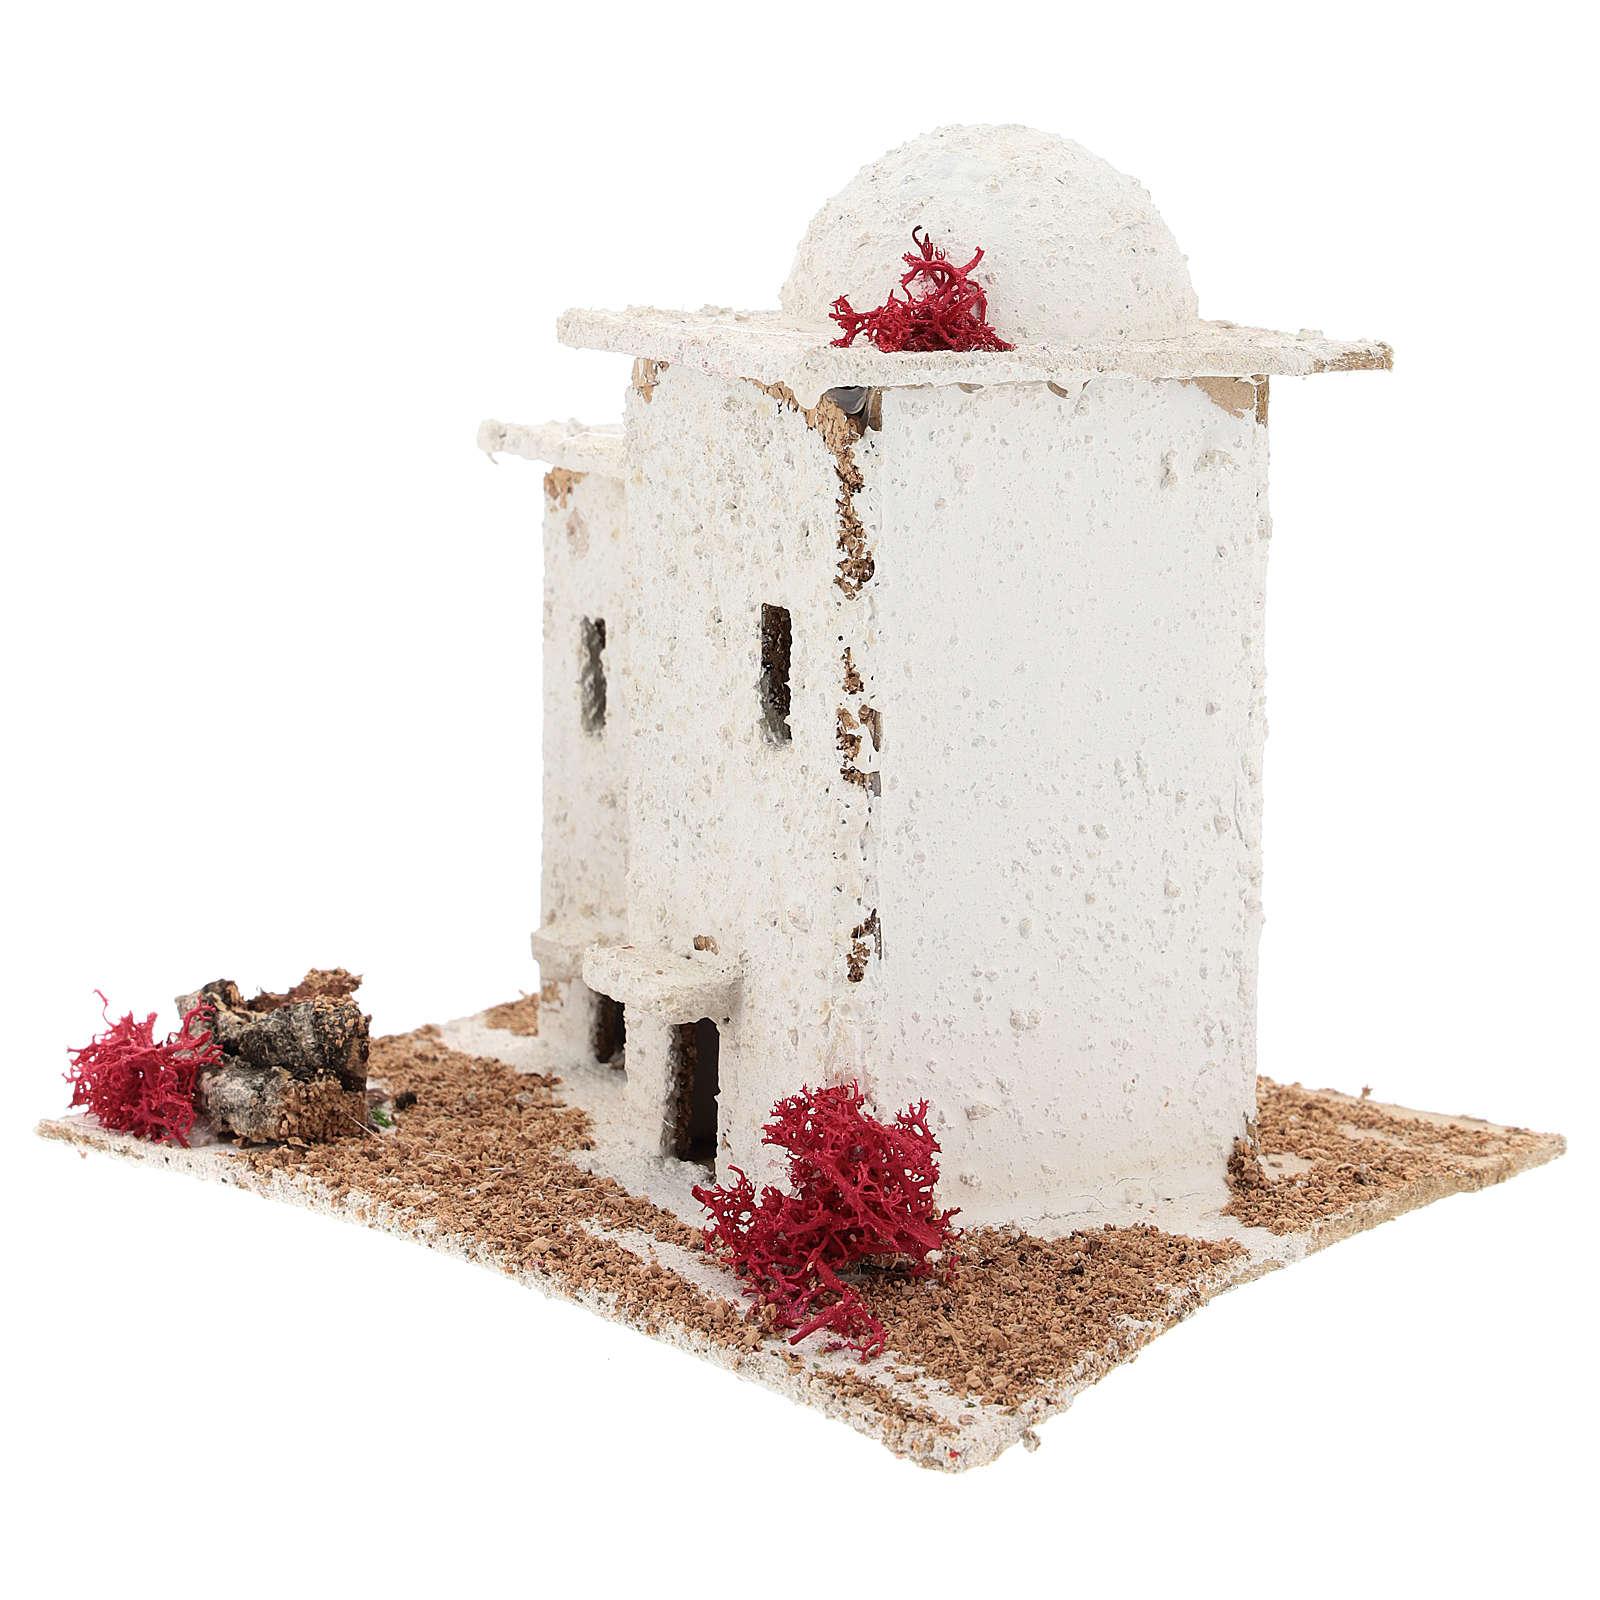 Casa de estilo árabe para presépio napolitano com figuras de 6 cm de altura média 4